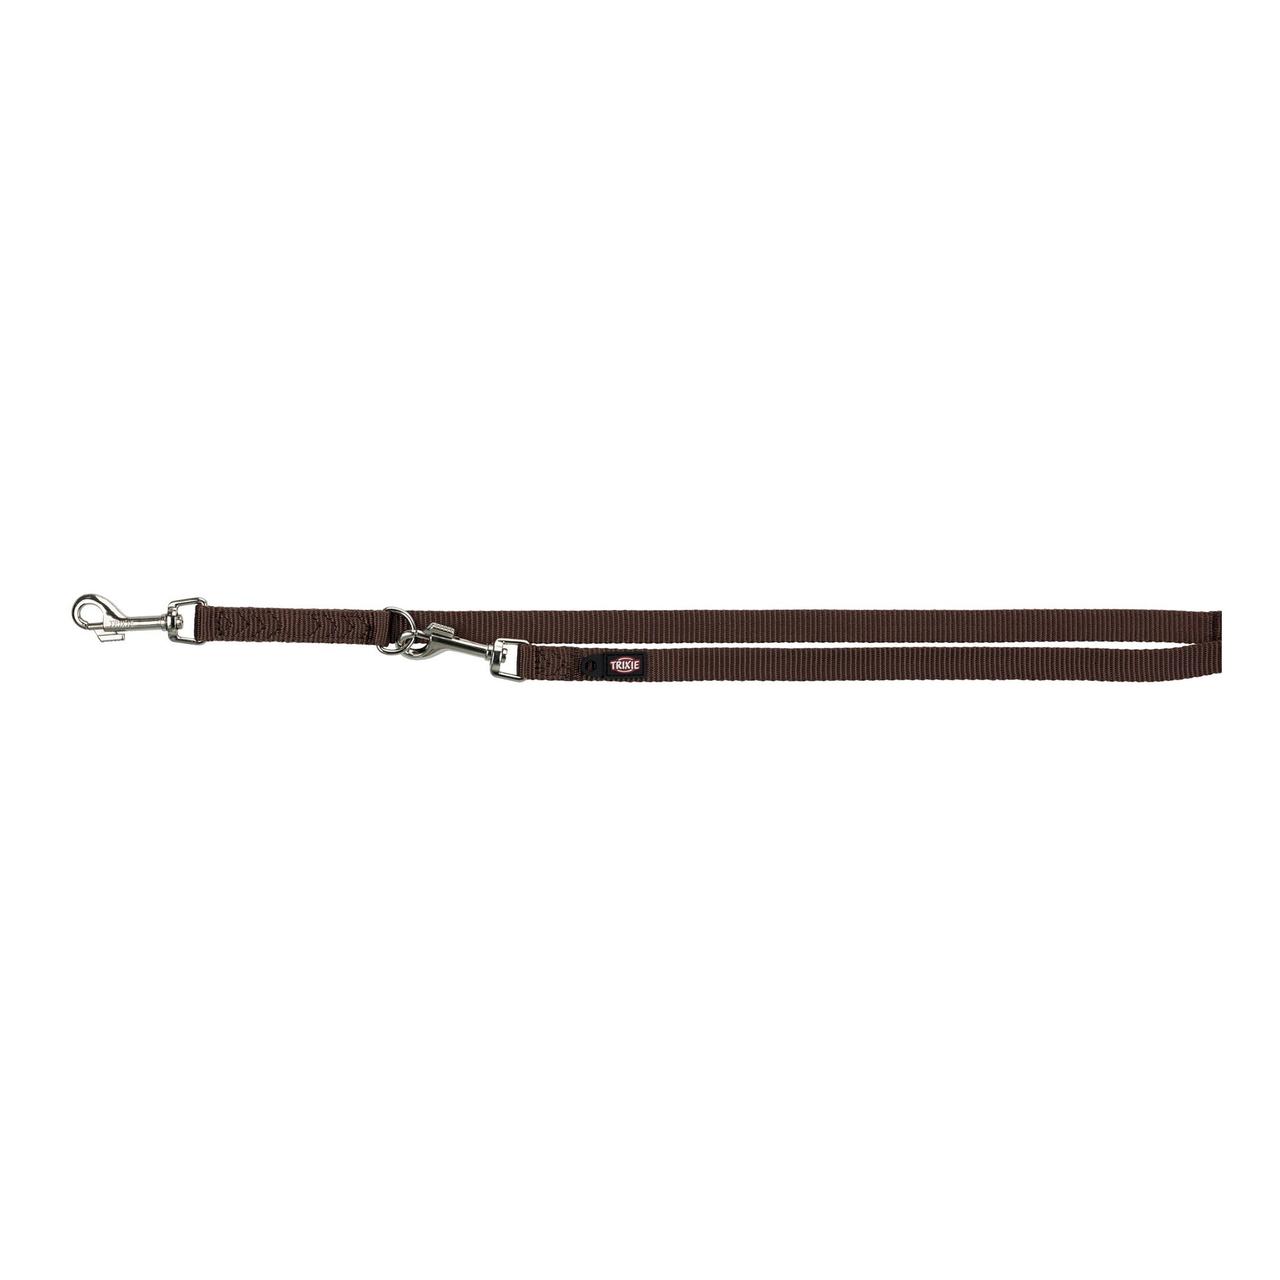 Повідець-перестежка Trixie з нейлону «Premium» XS-S 2 м / 15 мм (коричневий)